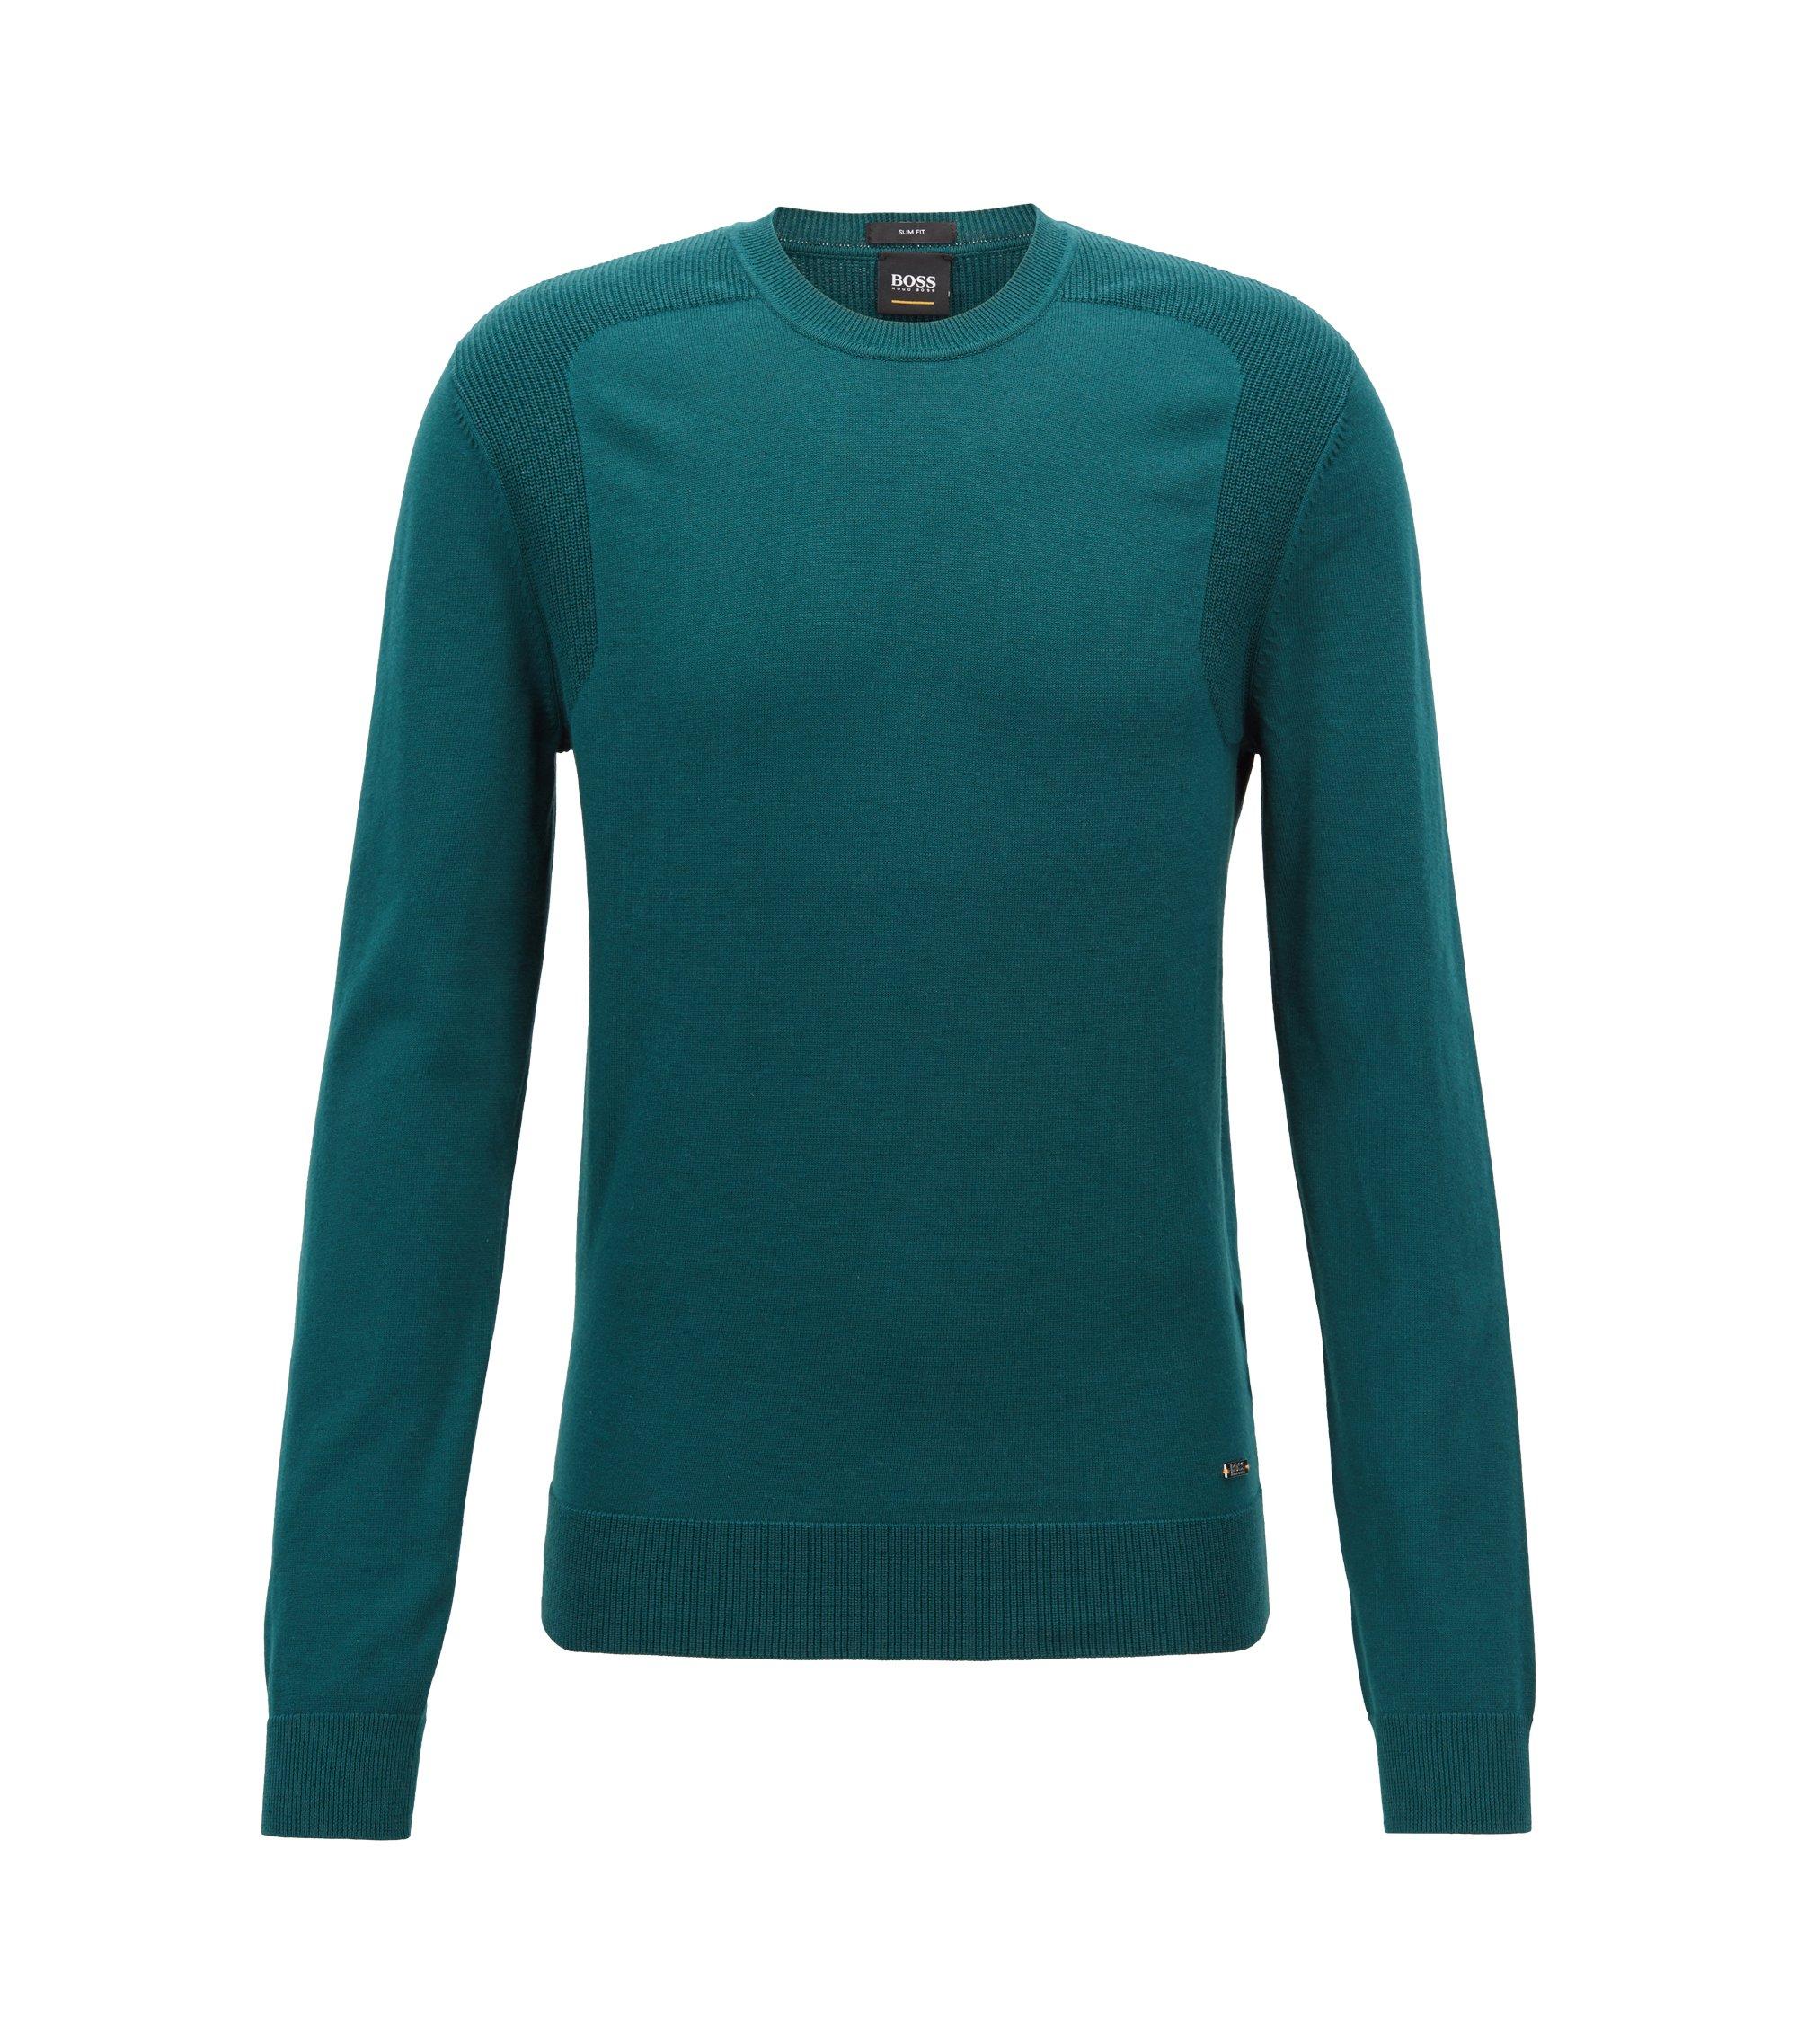 Pull en coton mélangé avec empiècements contrastants sur les épaules, Vert sombre